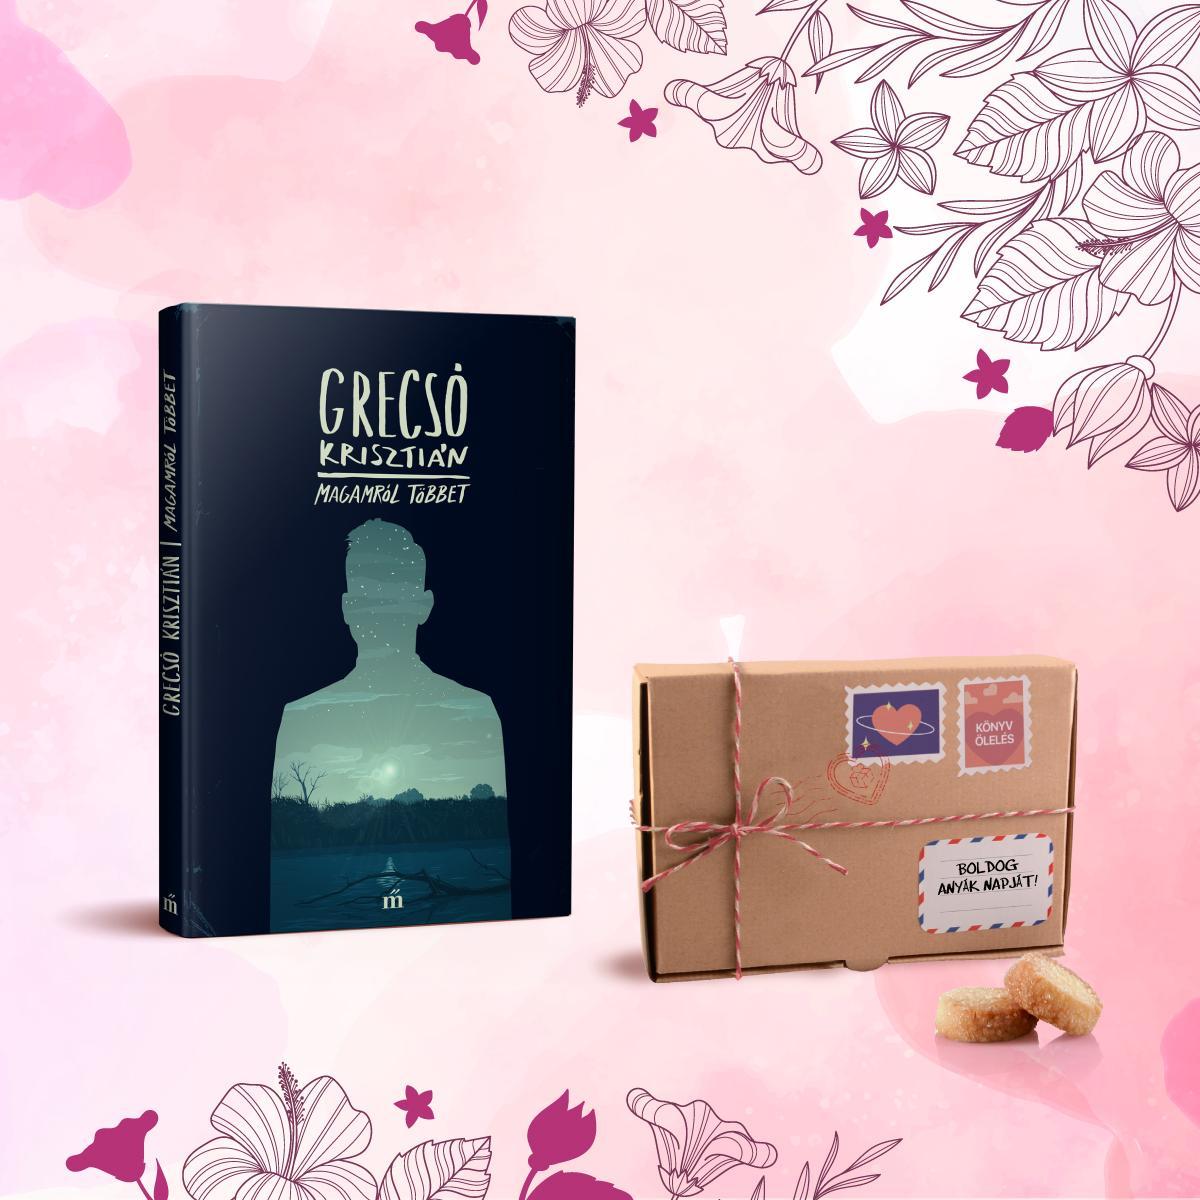 - Könyvölelés Anyák napjára - Magamról többet + Les Cadeaux de Flore keksz